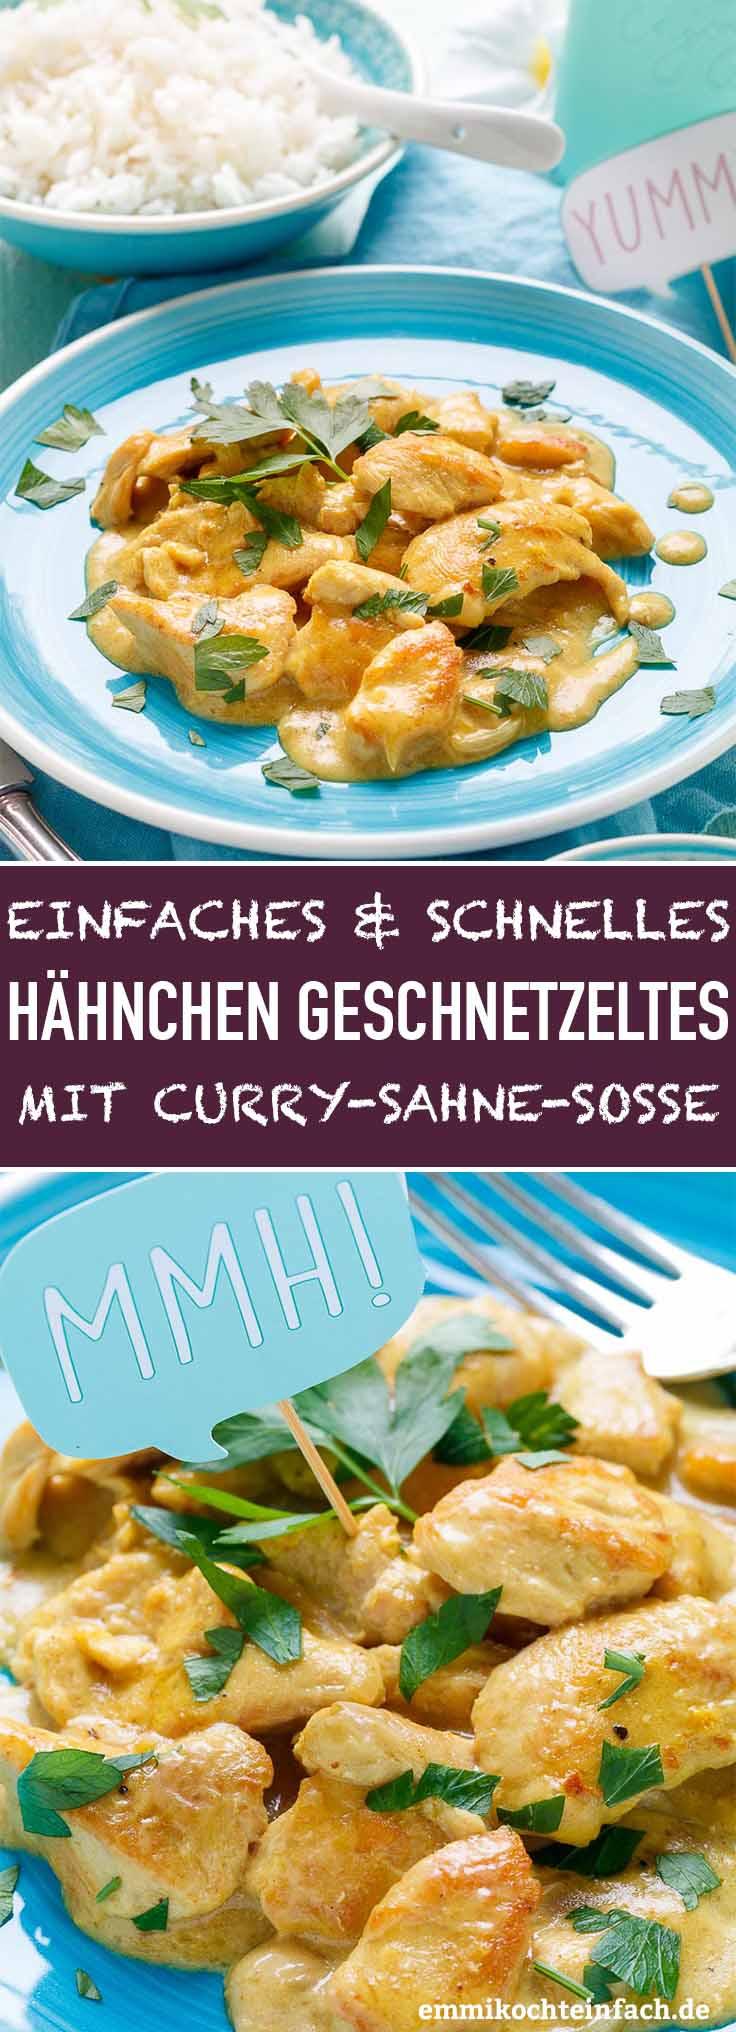 Hähnchengeschnetzeltes mit Curry-Sahne-Soße - www.emmikochteinfach.de